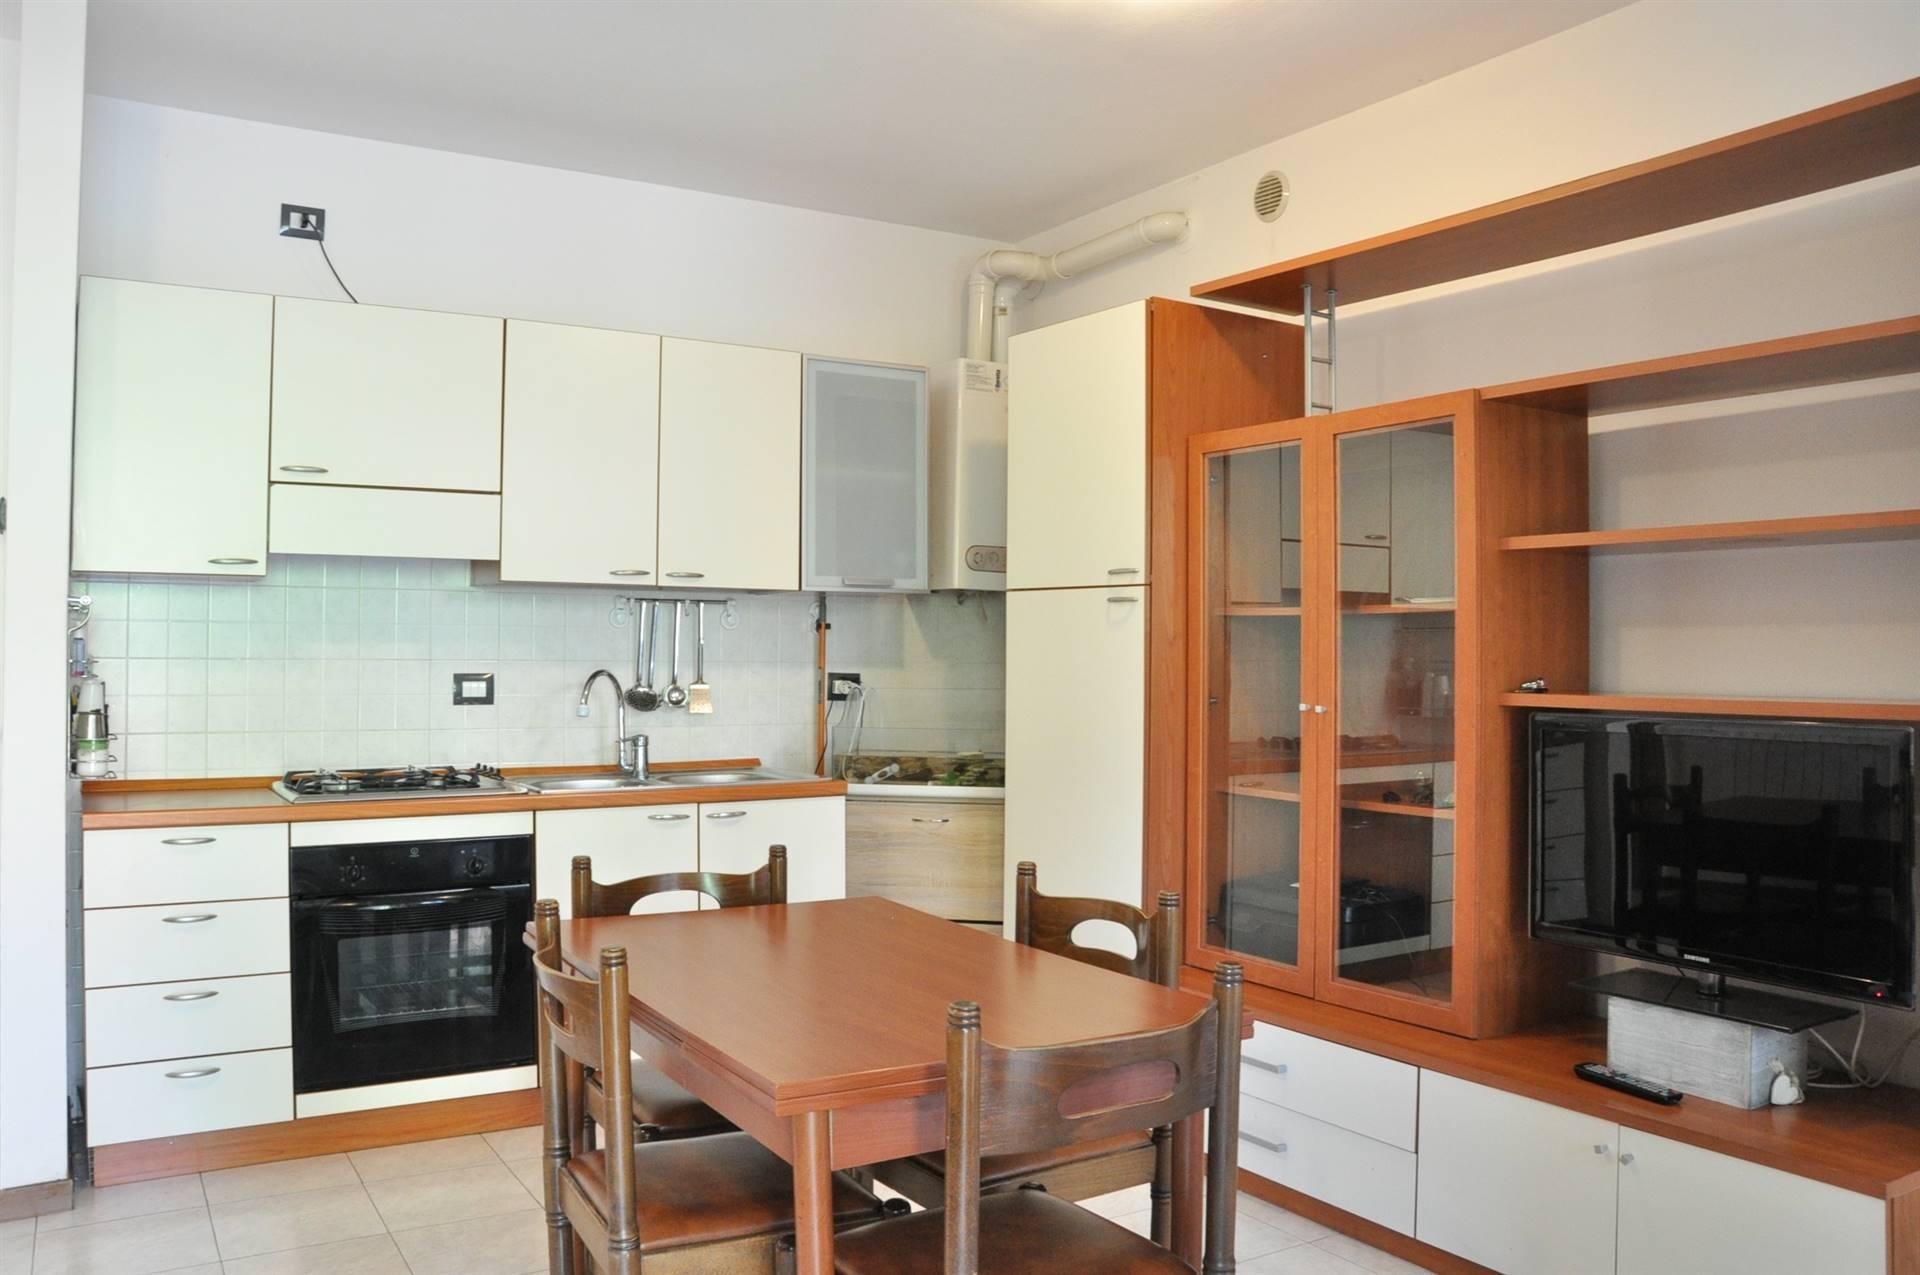 Appartamento in vendita a Civate, 2 locali, prezzo € 100.000 | PortaleAgenzieImmobiliari.it